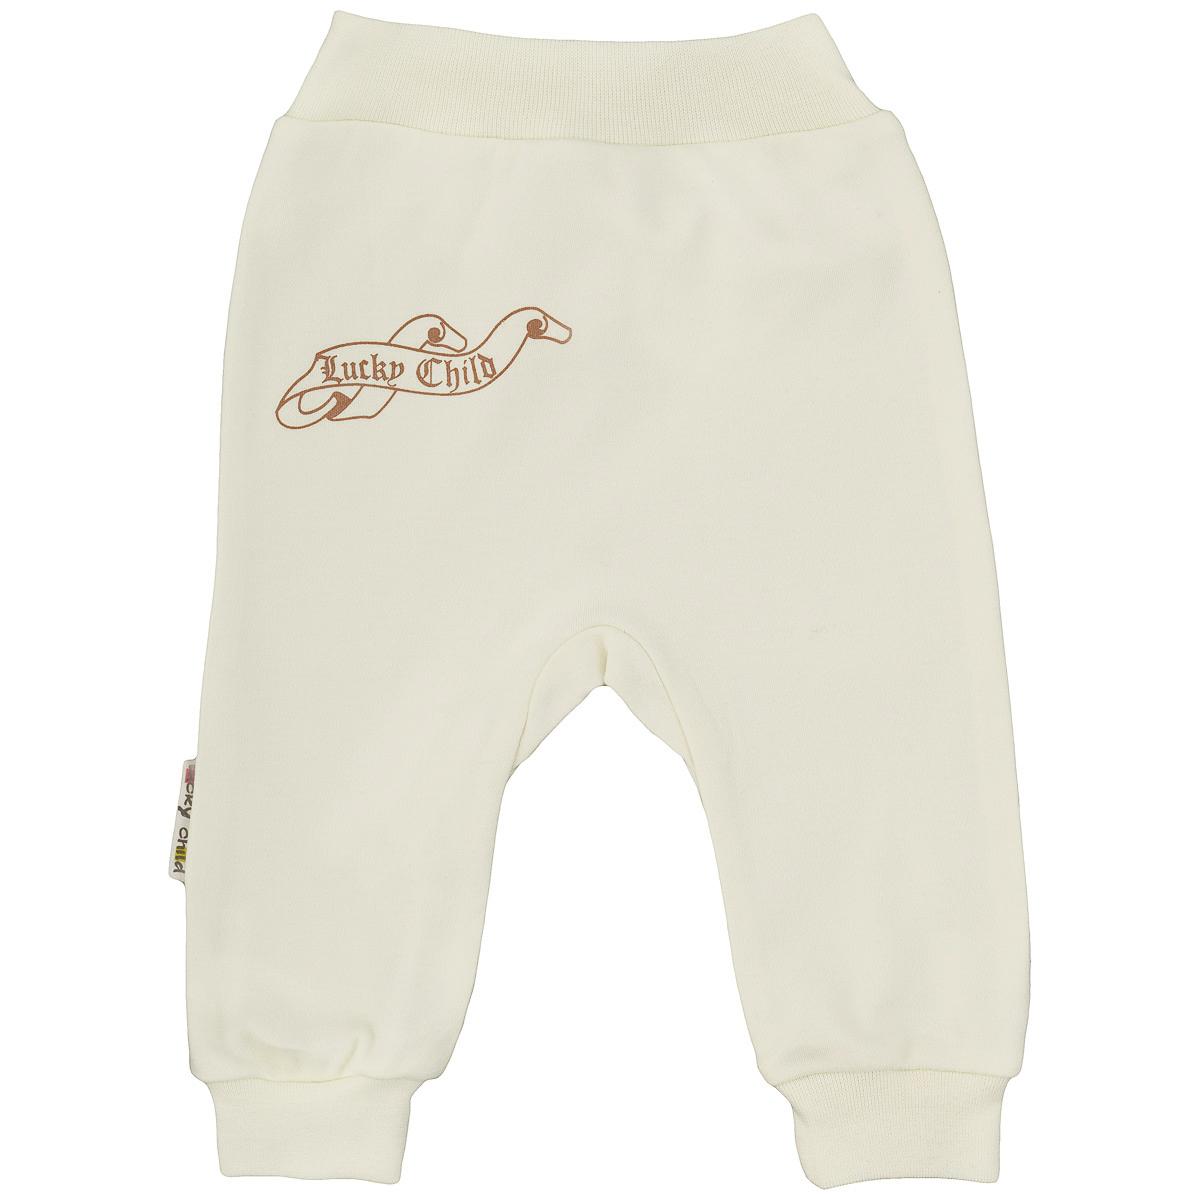 Штанишки на широком поясе Lucky Child, цвет: экрю. 6-11. Размер 56/626-11Удобные штанишки для новорожденного Lucky Child на широком поясе послужат идеальным дополнением к гардеробу вашего малыша. Штанишки, изготовленные из интерлока - натурального хлопка, необычайно мягкие и легкие, не раздражают нежную кожу ребенка и хорошо вентилируются, а эластичные швы приятны телу младенца и не препятствуют его движениям. Штанишки благодаря мягкому эластичному поясу не сдавливают животик ребенка и не сползают, обеспечивая ему наибольший комфорт, идеально подходят для ношения с подгузником и без него. Снизу брючины дополнены широкими трикотажными манжетами, не пережимающими ножку. Спереди они оформлены оригинальным принтом в виде логотипа бренда.Штанишки очень удобный и практичный вид одежды для малышей, которые уже немного подросли. Отлично сочетаются с футболками, кофточками и боди.В таких штанишках вашему малышу будет уютно и комфортно!